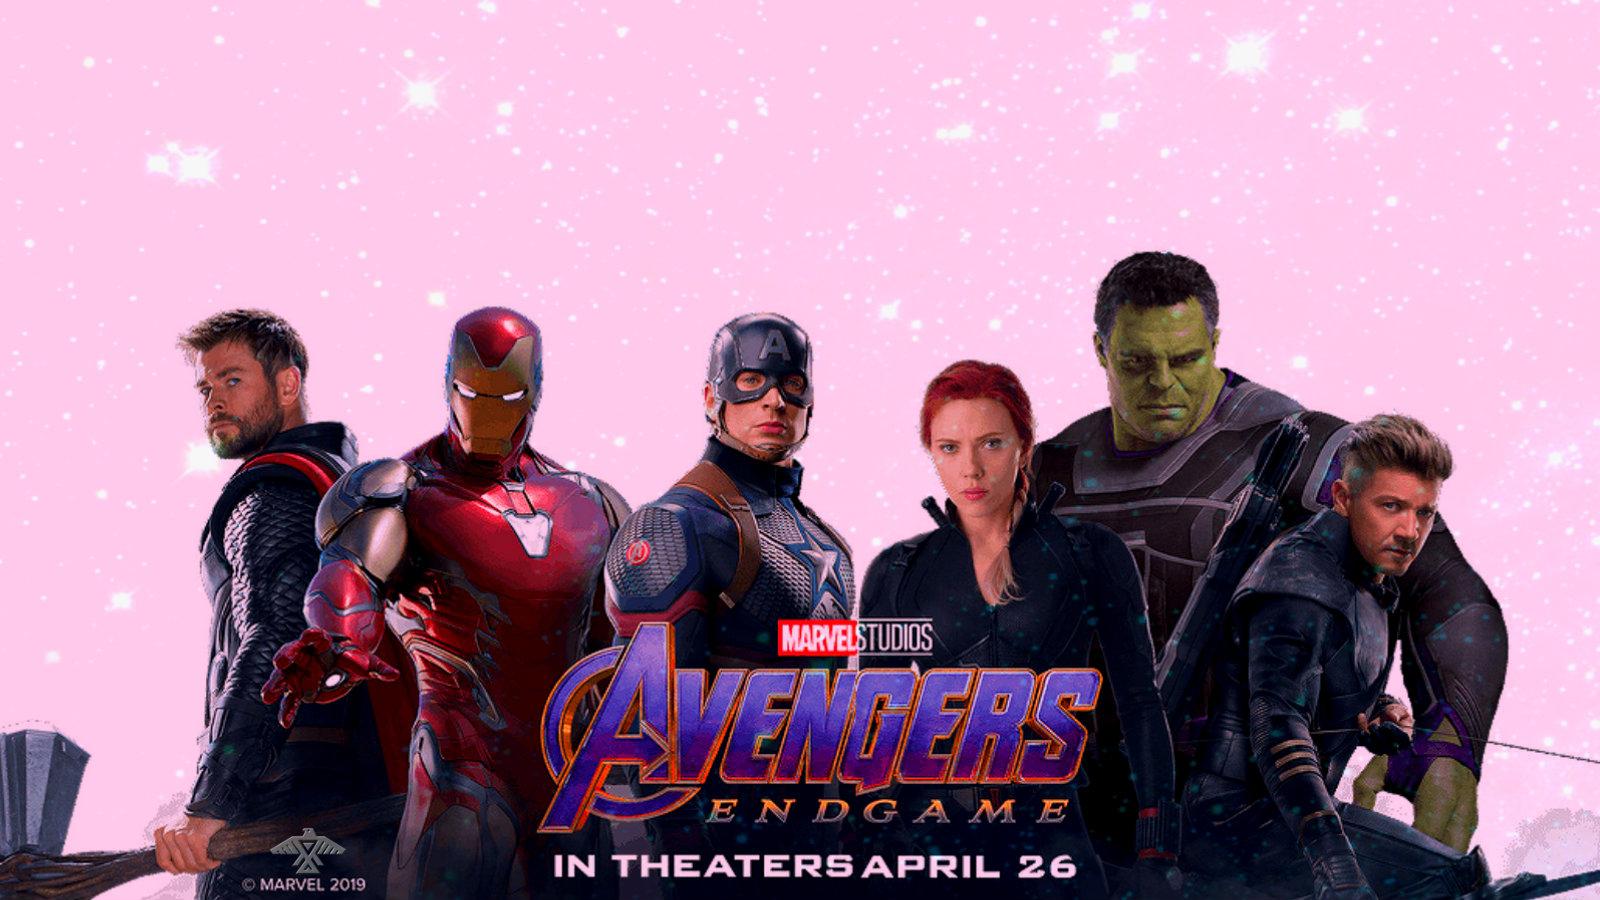 Avengers Endgame 2019 Avengers Infinity War 1 2 Fond